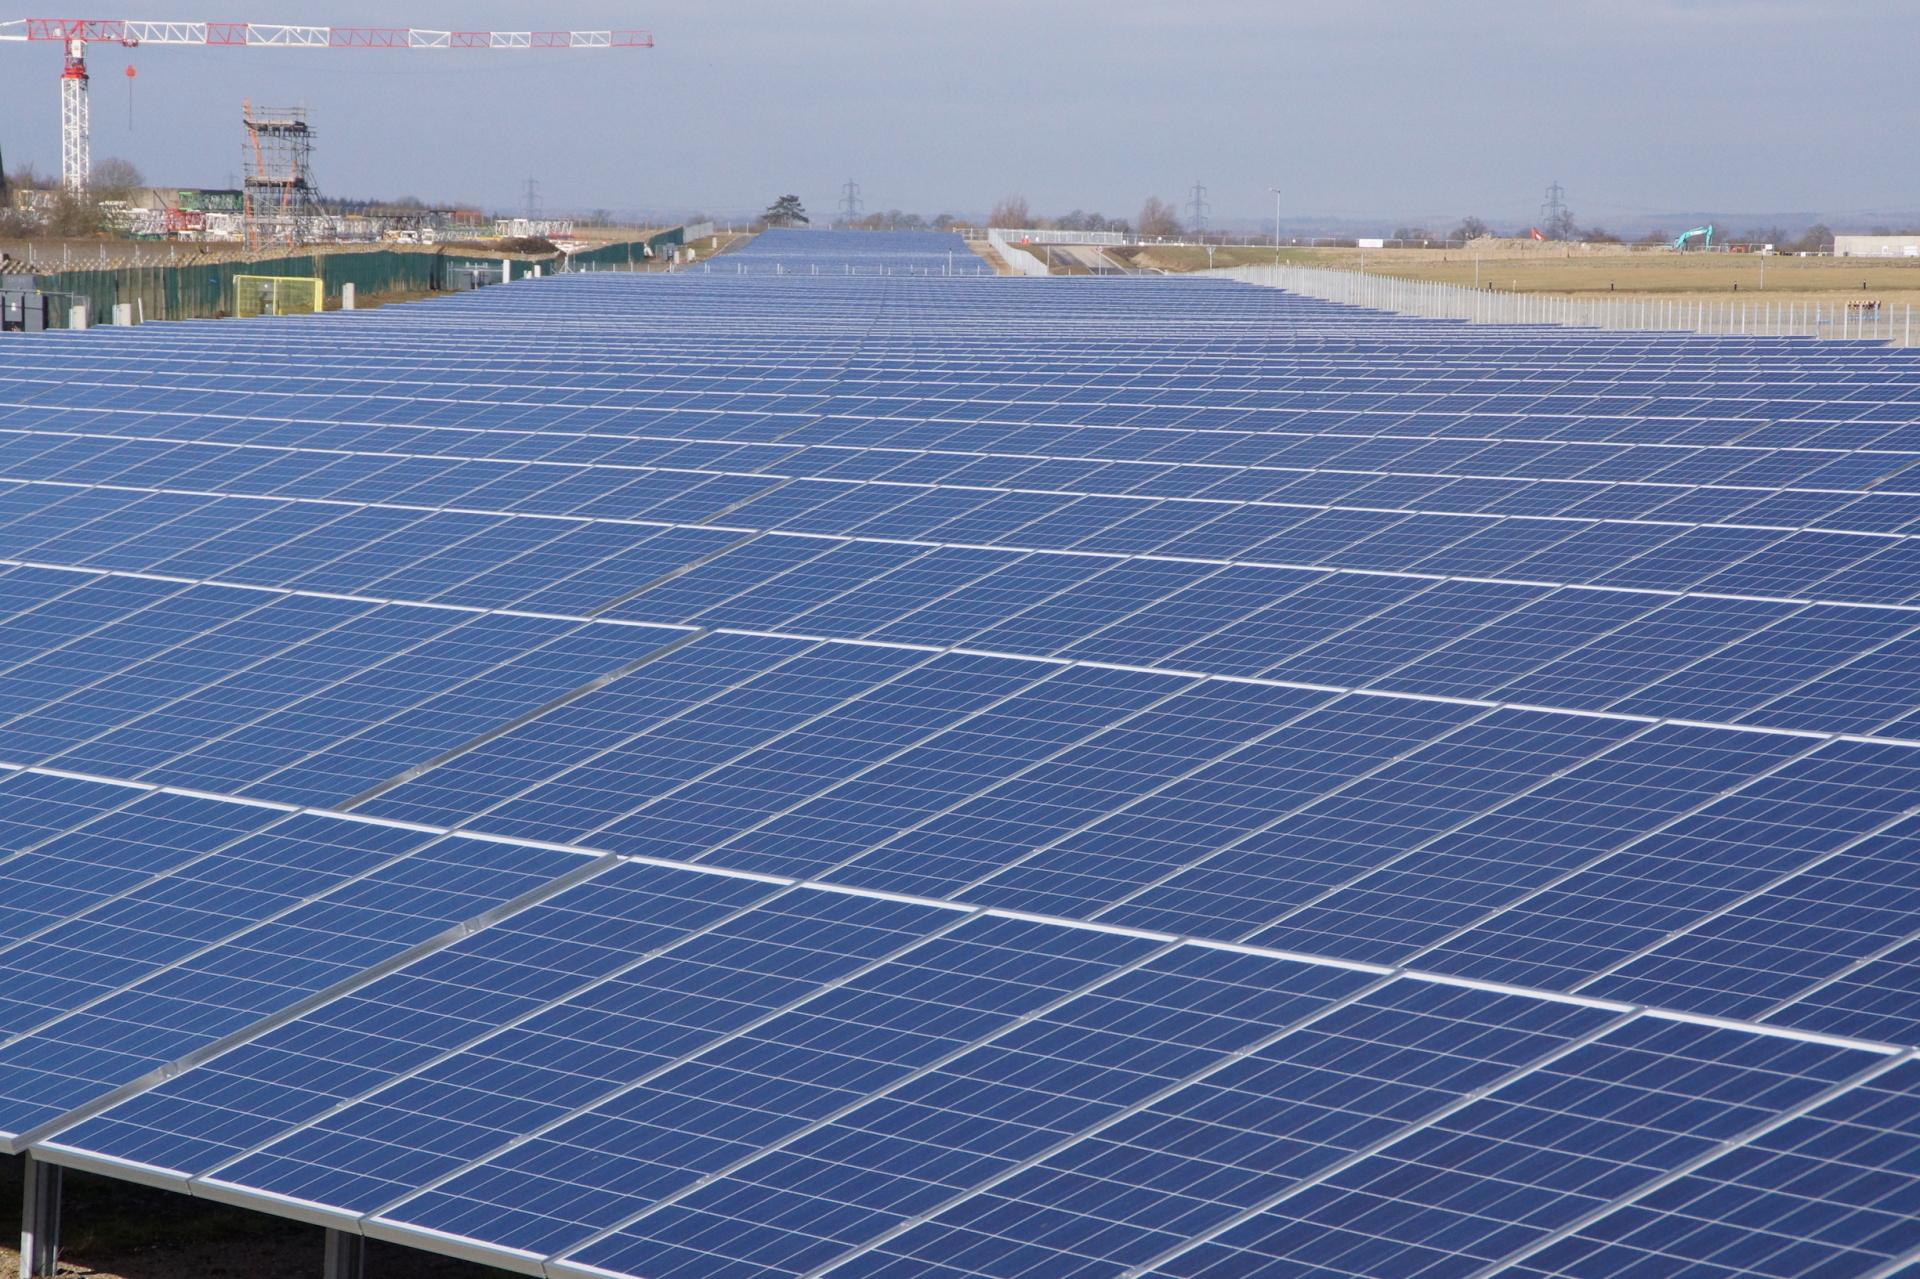 Huge new solar power plant for Westcott Venture Park